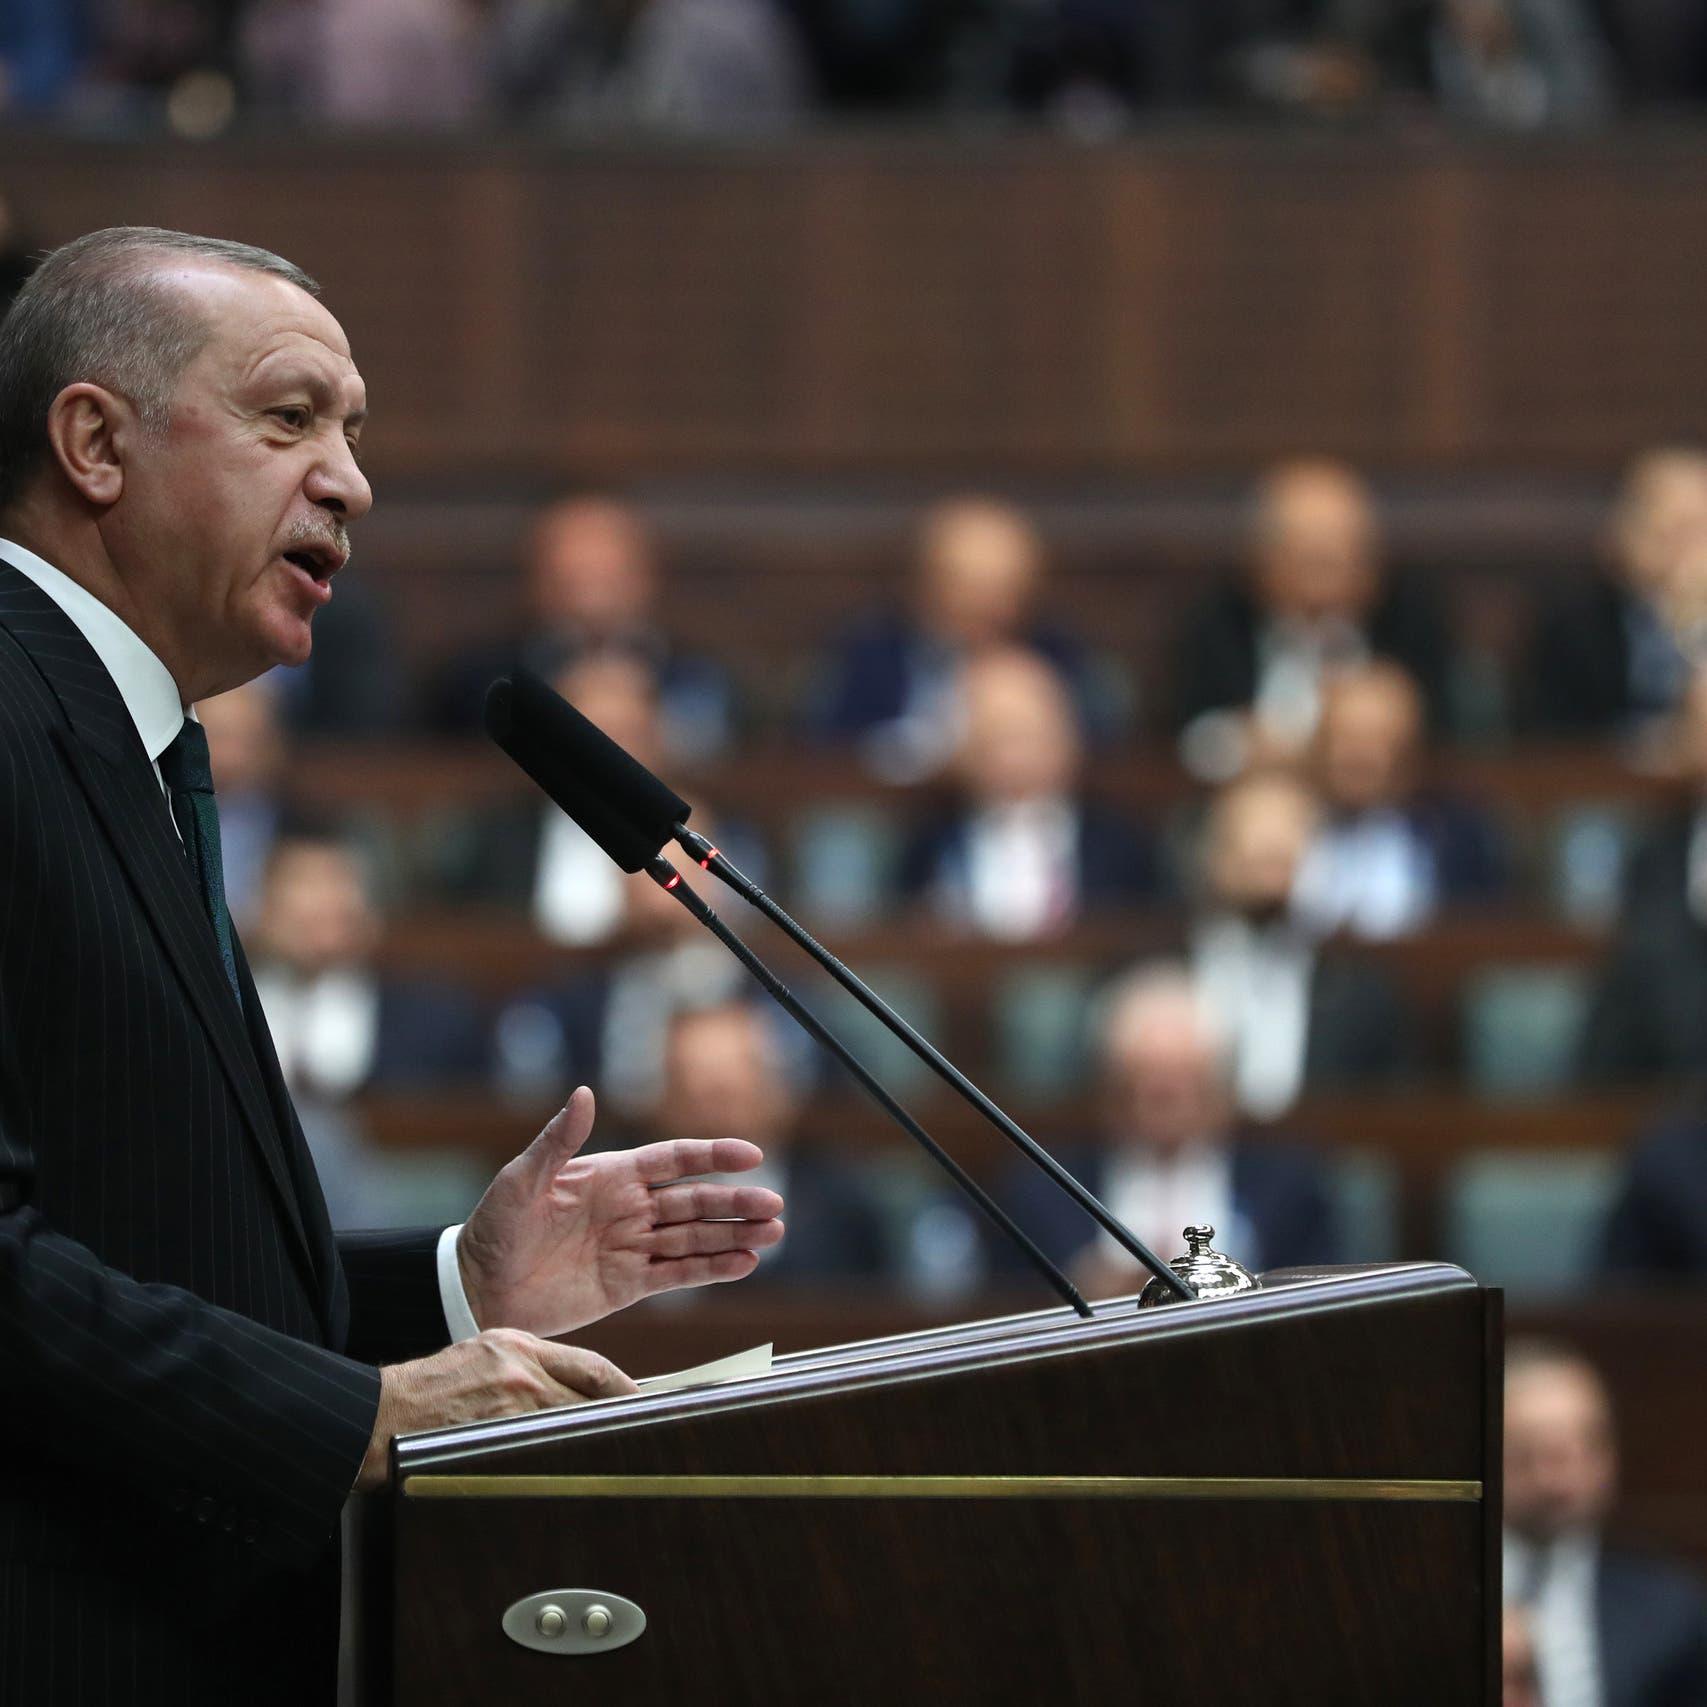 شبكة تستهدف معارضي أردوغان.. تويتر يعطل آلاف الحسابات